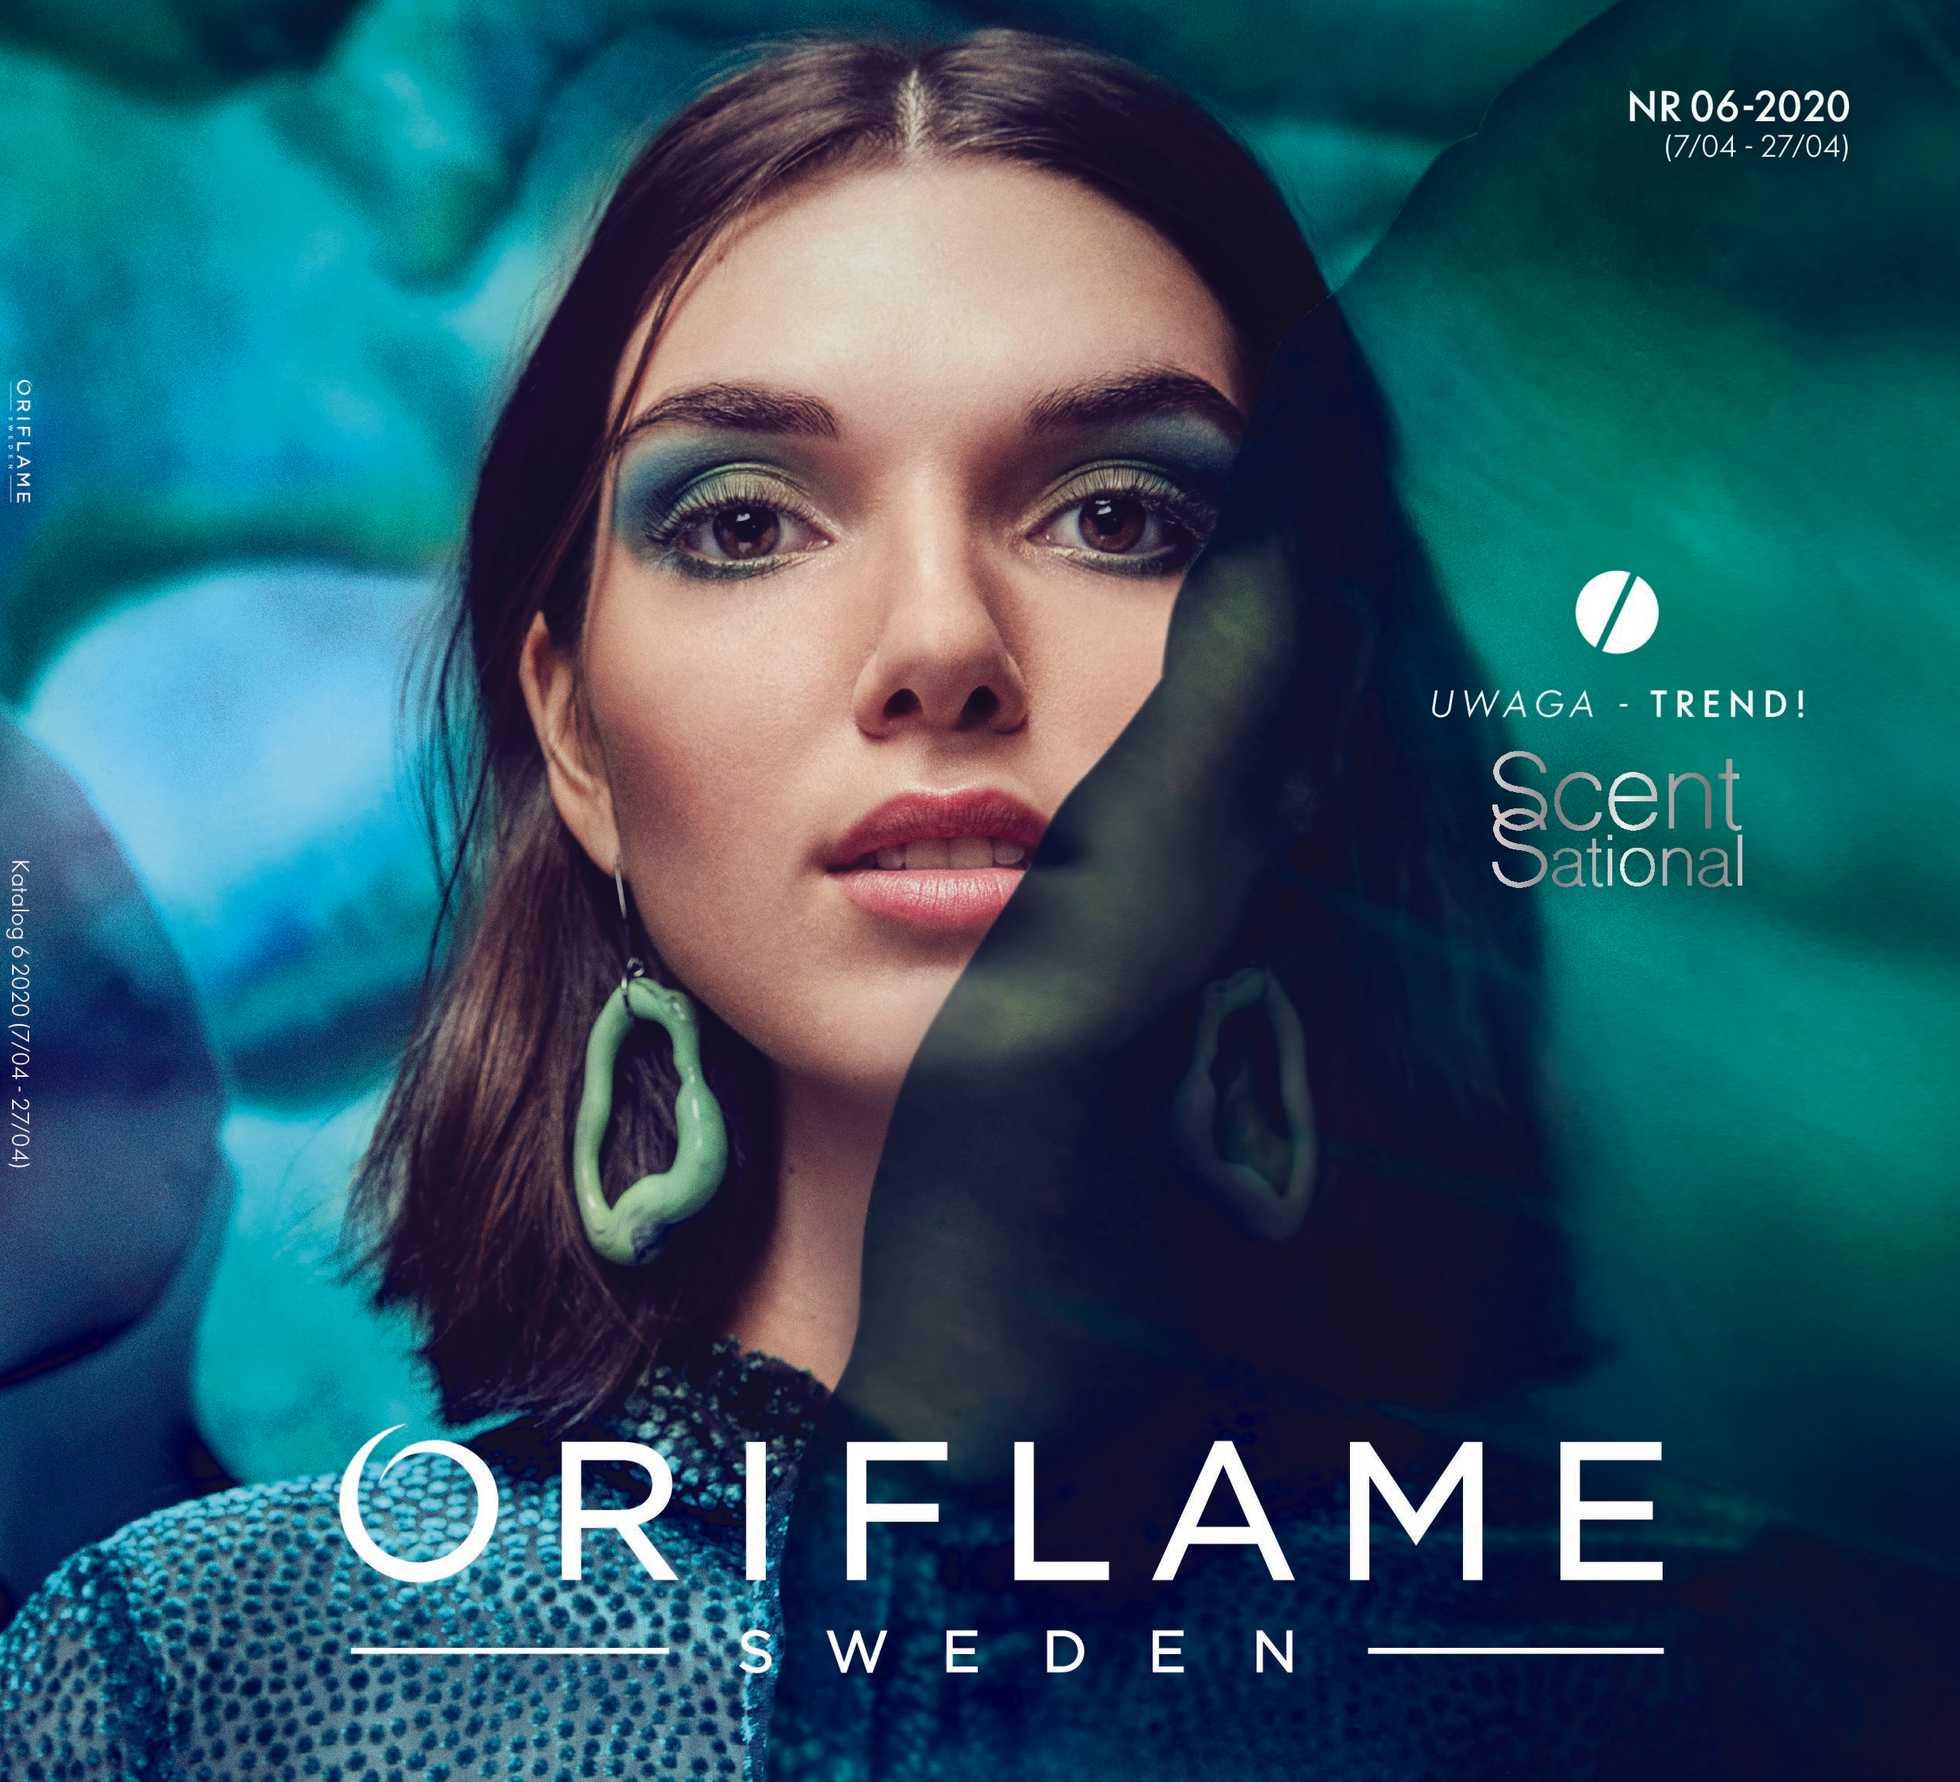 Oriflame - gazetka promocyjna ważna od 07.04.2020 do 27.04.2020 - strona 1.